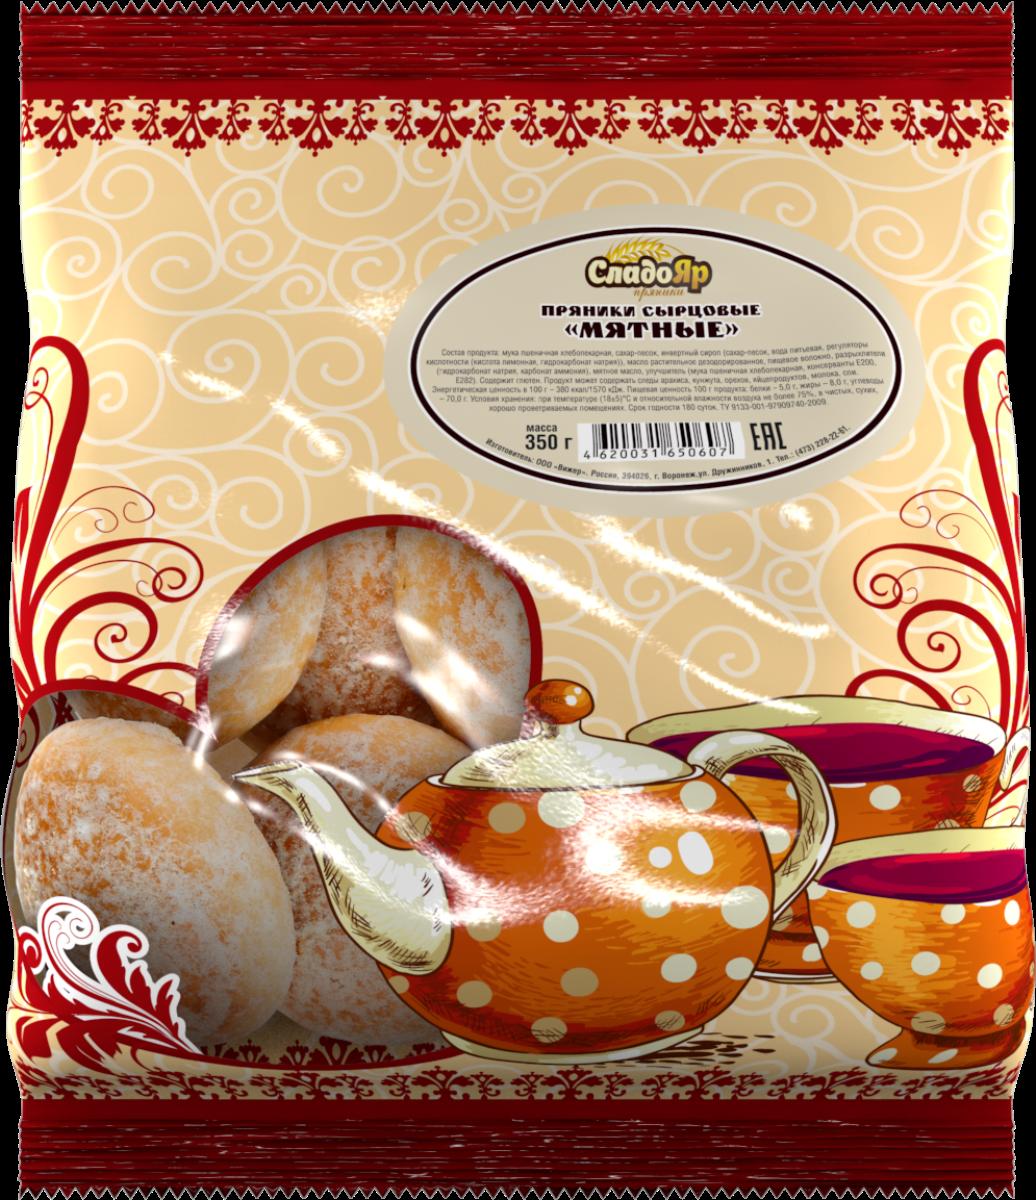 Вижер пряники мятные, 350 г4620031650607Великолепные угощение к любому столу с восхитительным свежим ароматом сладкой мяты.